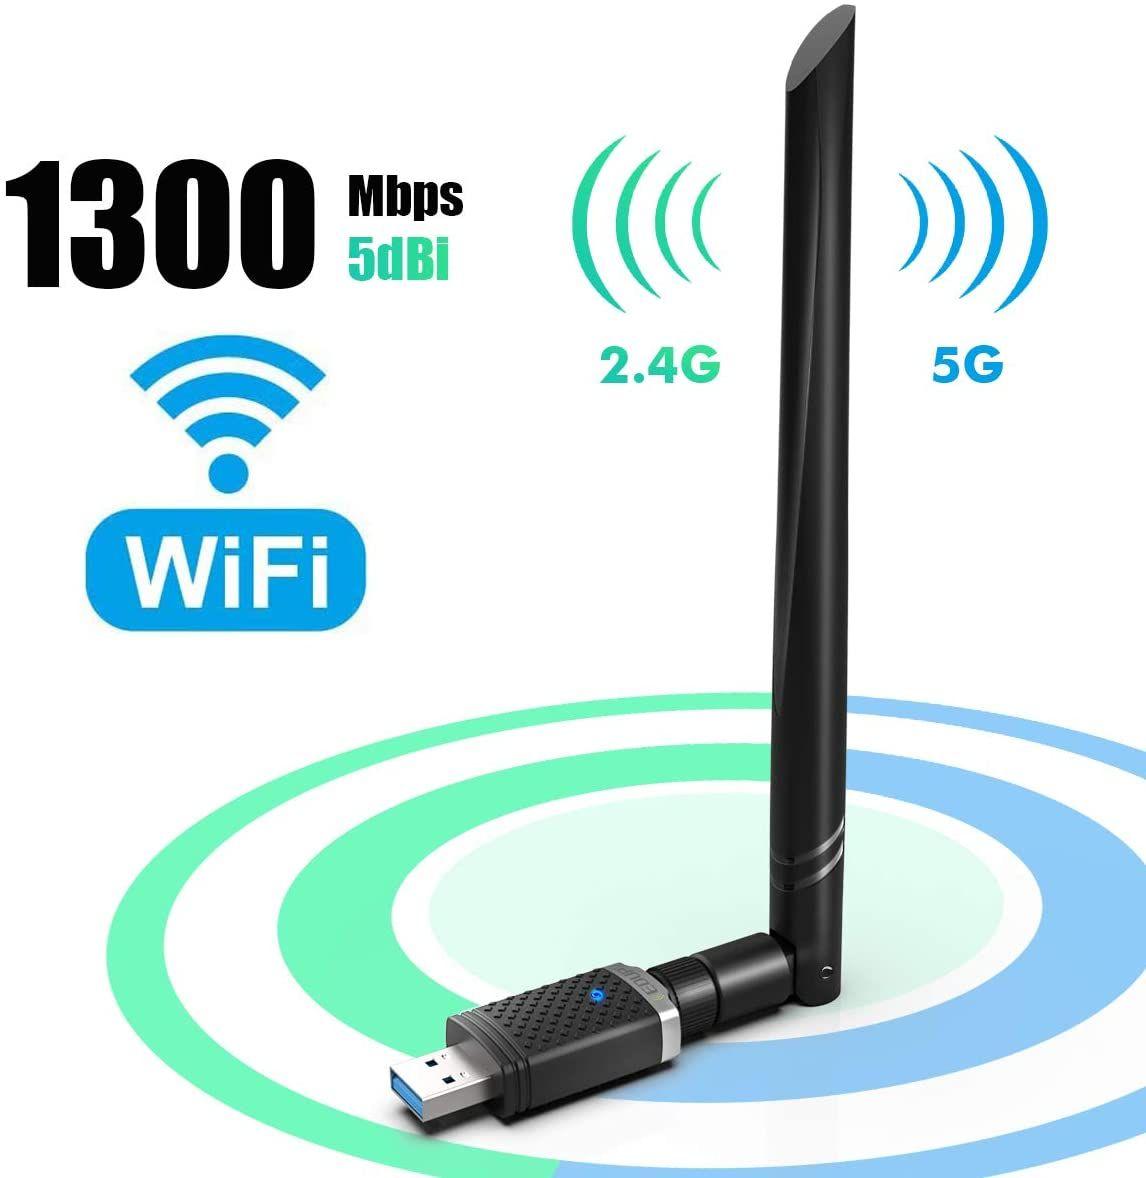 c4326785467072507947fb62d0b15774 - Best Router For Vpn Pass Through